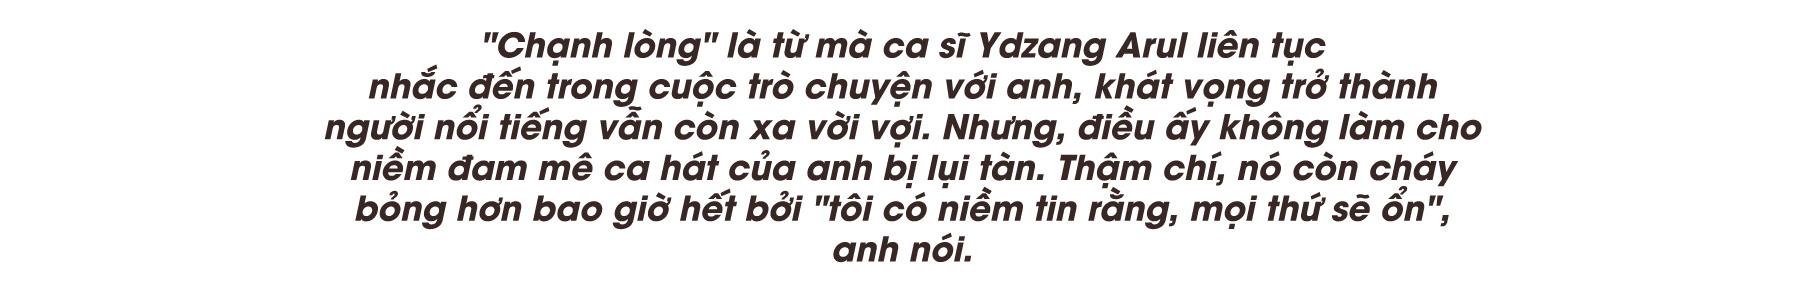 [eMagazine] - Ca sĩ Ydzang Arul: Tôi có tất, chỉ thiếu tiền! - Ảnh 1.